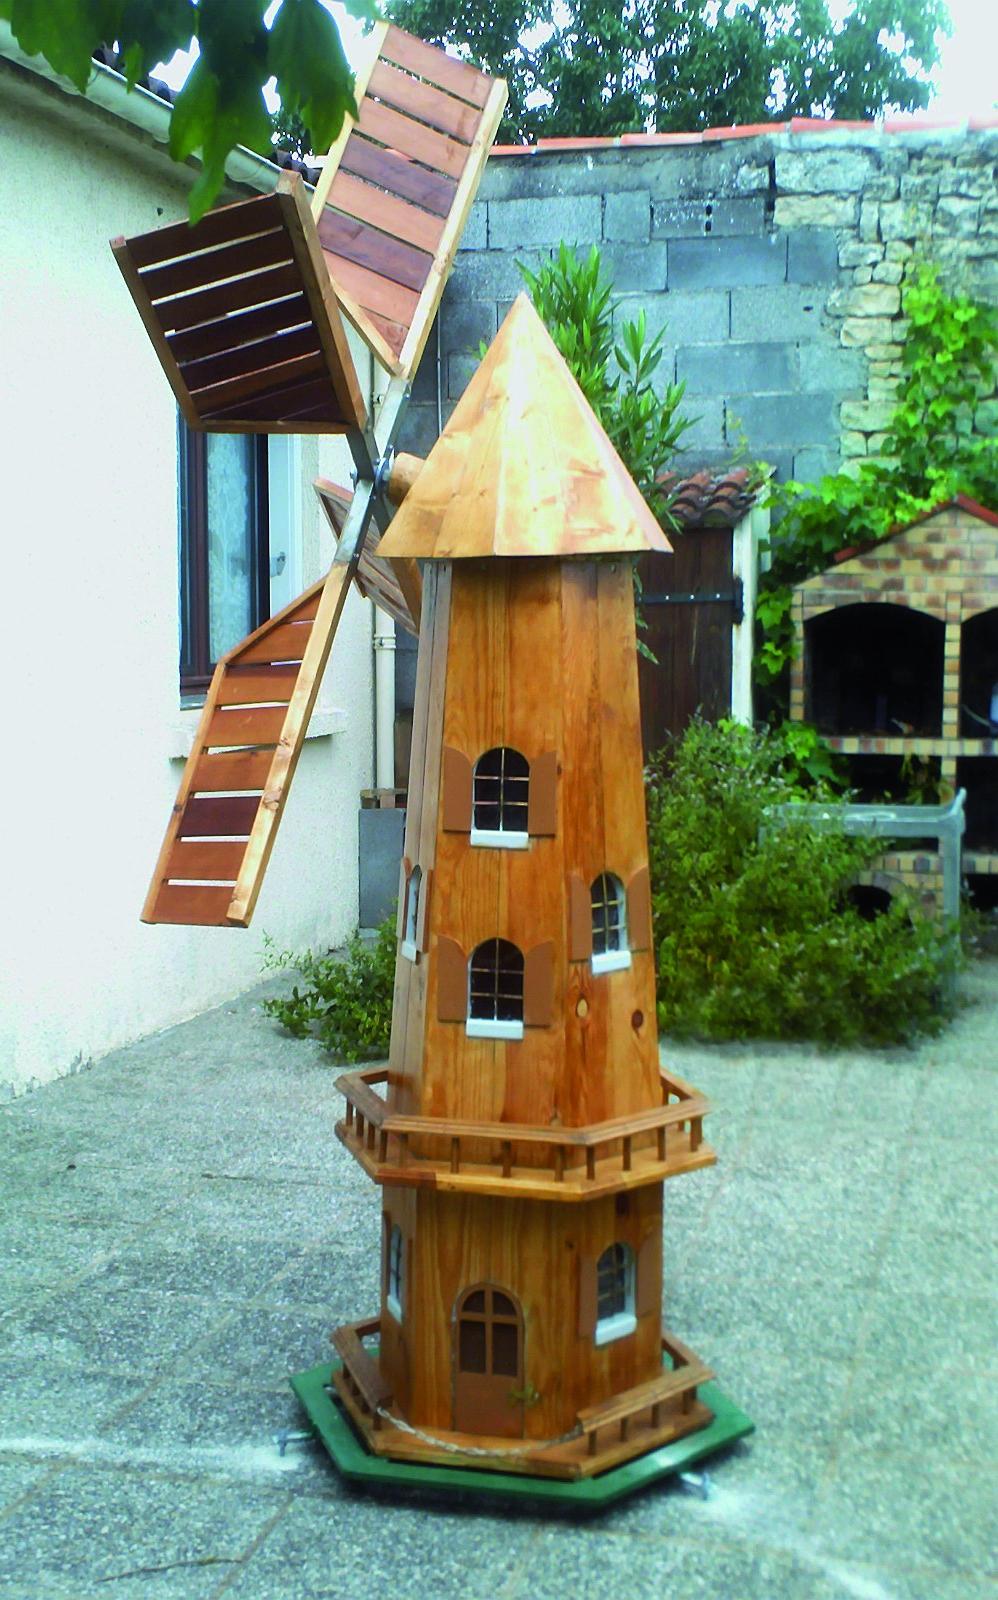 Un Moulin À Vent Pour Le Jardin   Bois+ Le Bouvet dedans Moulin A Vent Jardin